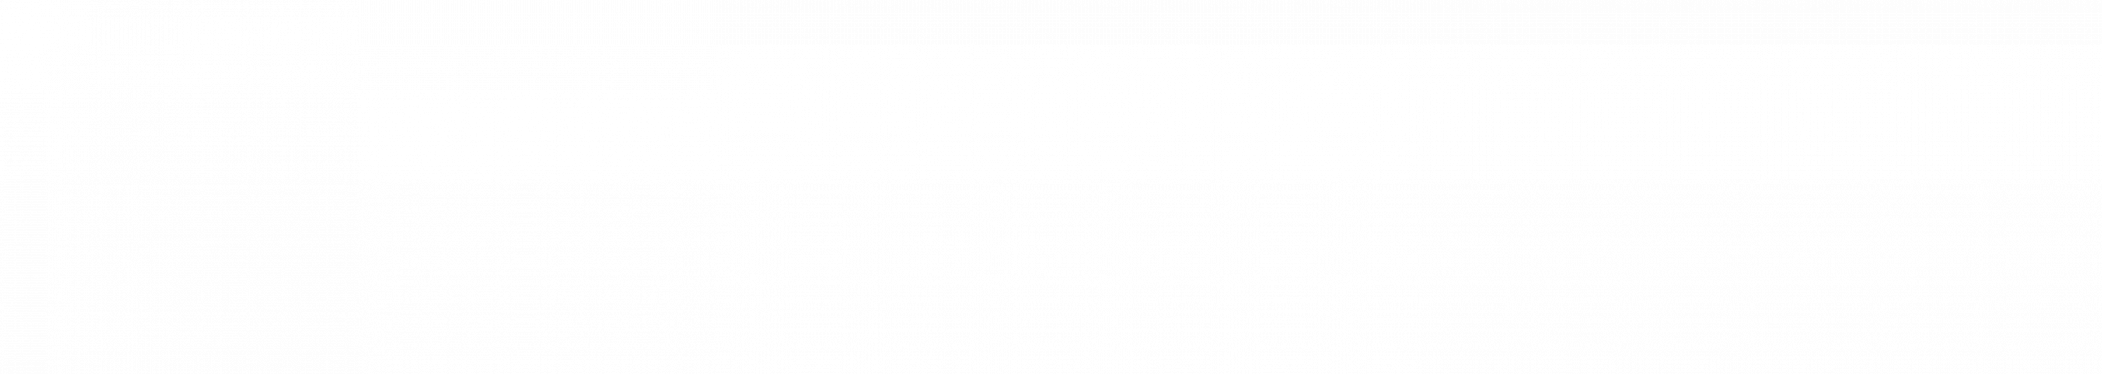 mp8.2color-pms